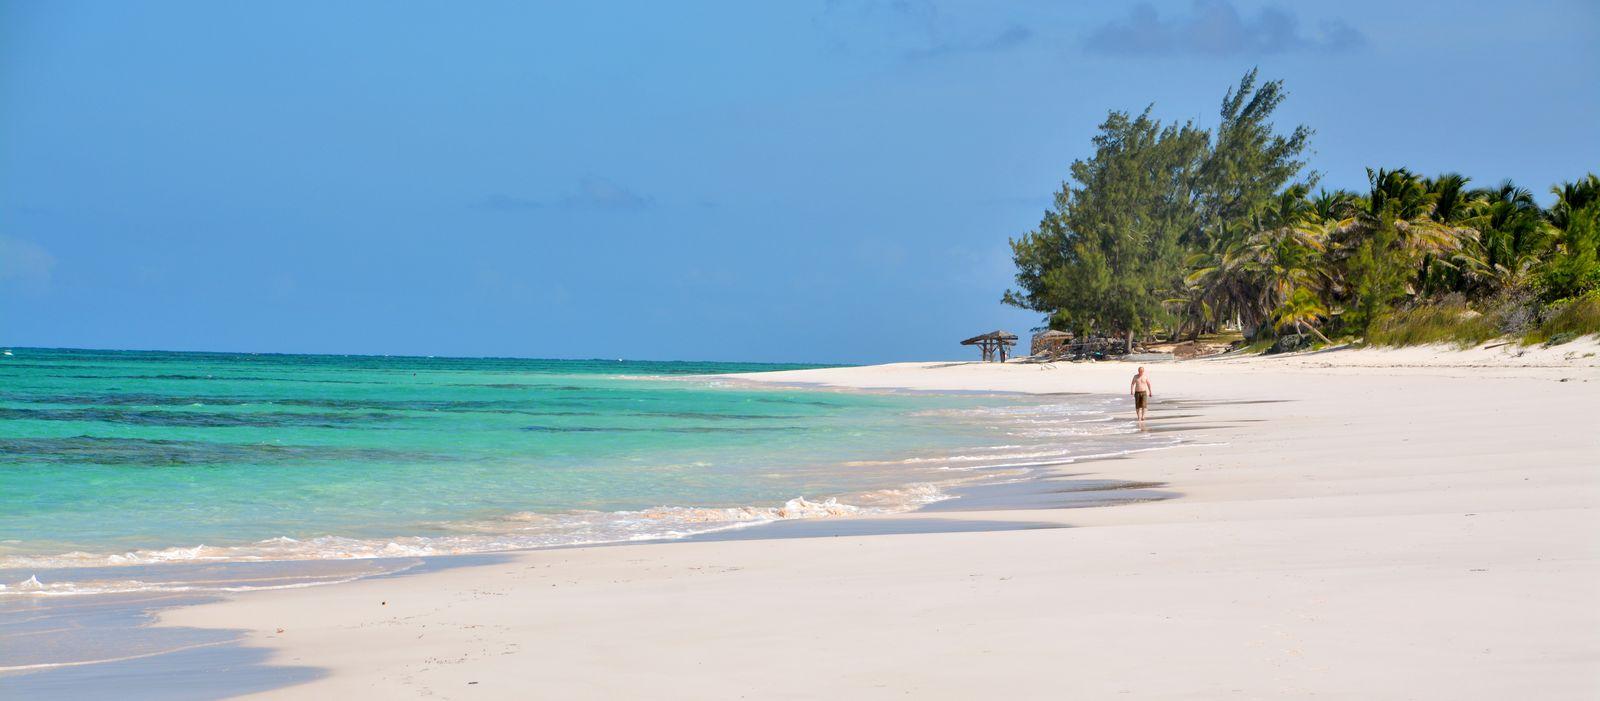 Der Strand des Greenwood Beach Resorts auf Cat Island